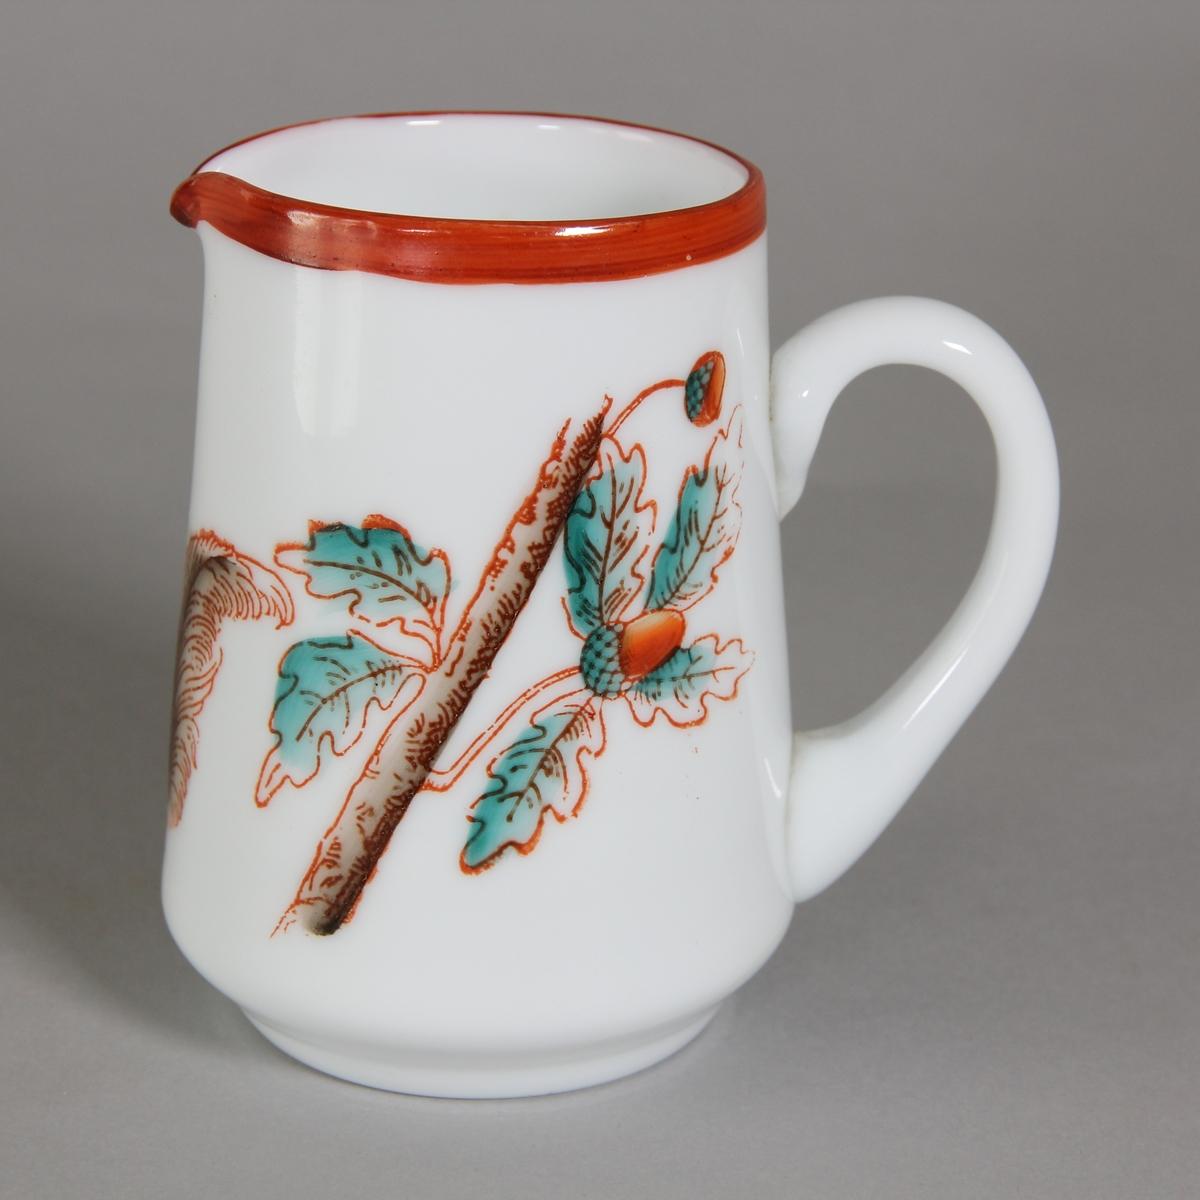 Gräddkanna av glas, vitt med målad dekor i form av ekollonkvist och ekorre i rött, brunt och turkos. Rödmålad mynningskant.